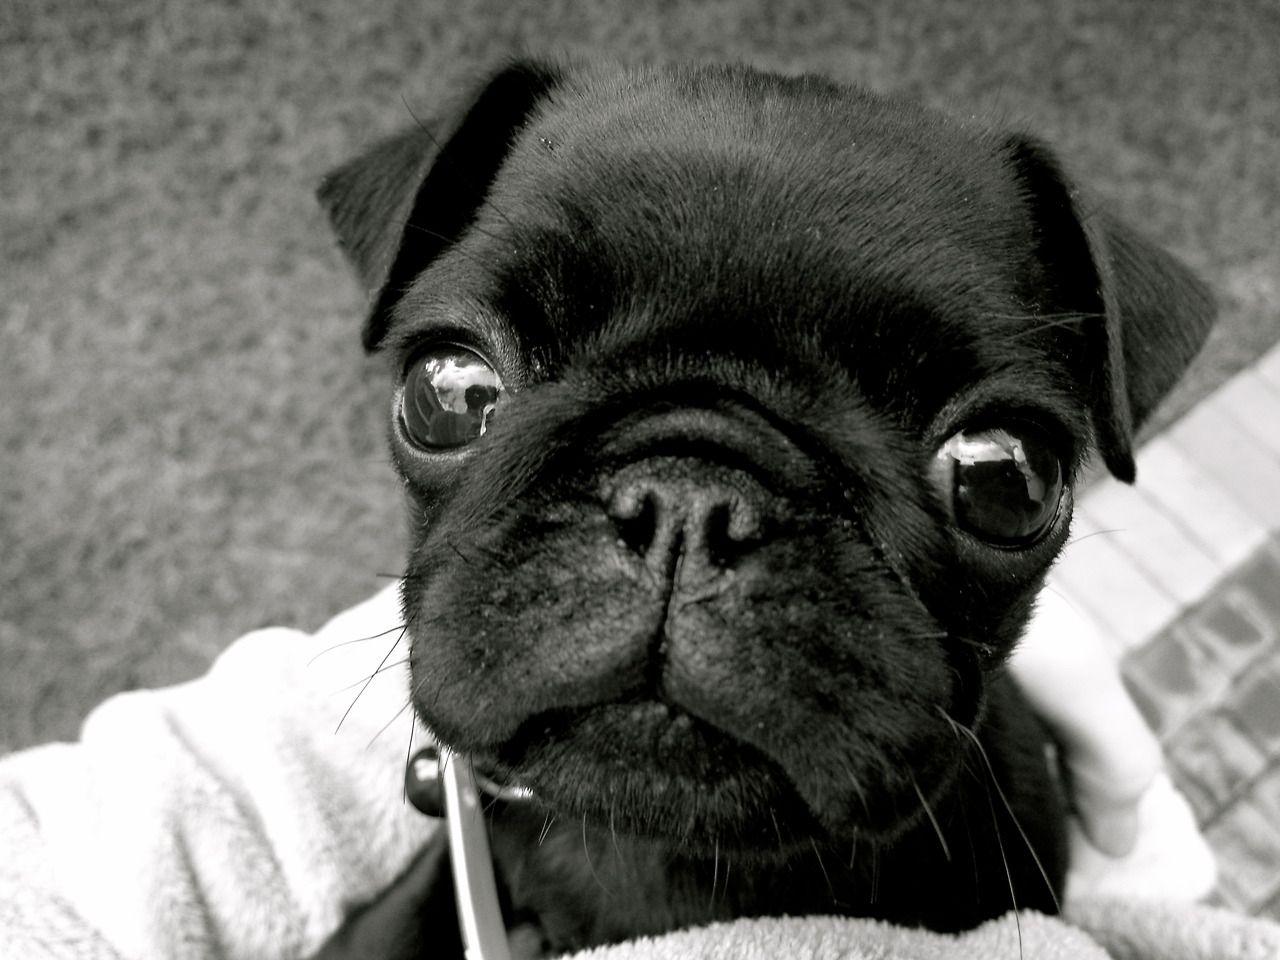 Black Pug Tumblr Pug Cute Puppy Baby Pugs Cute Pugs Pugs